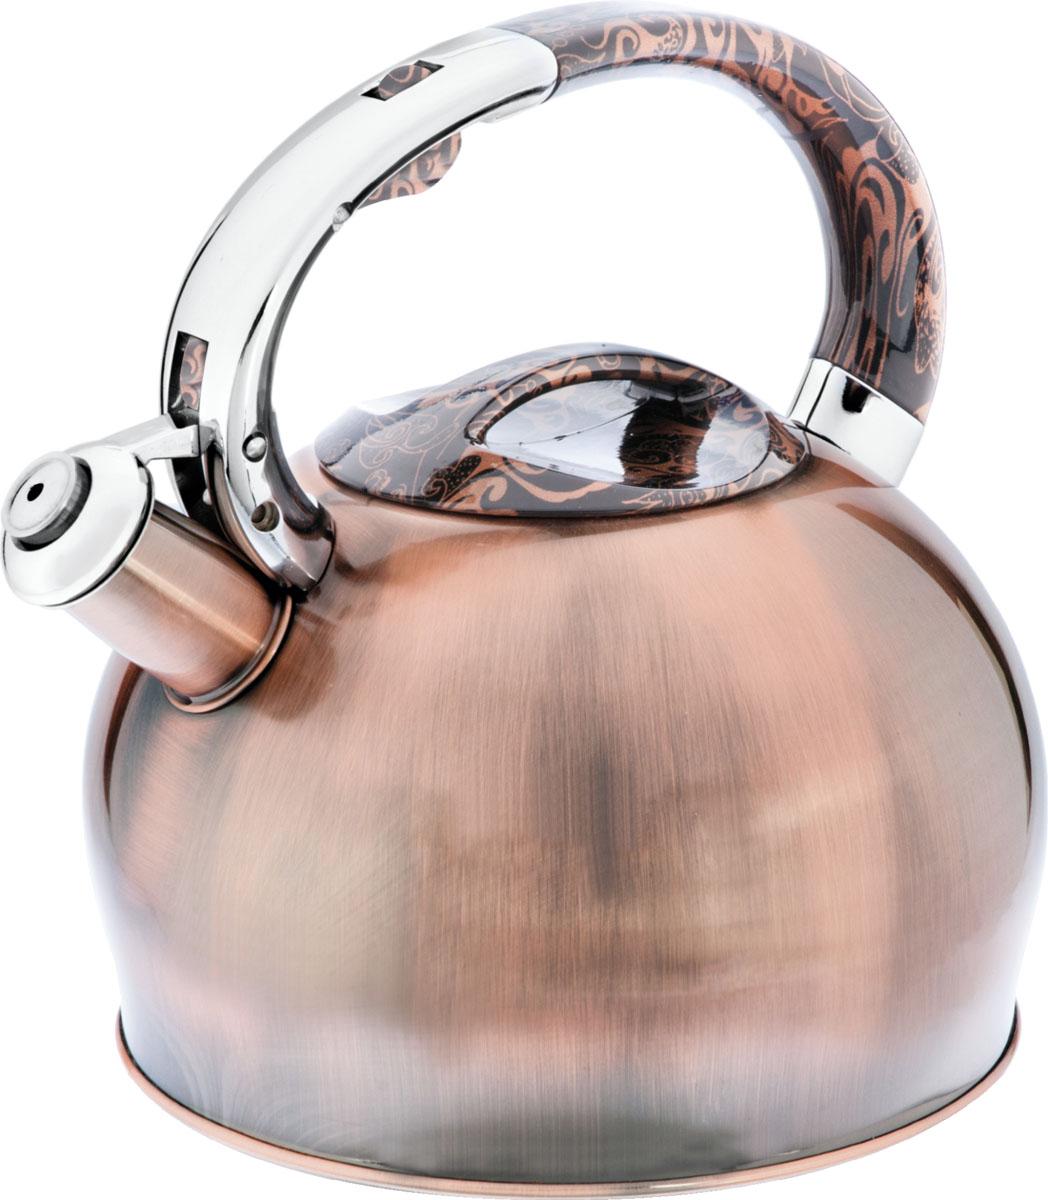 Чайник Bayerhoff, со свистком, цвет: медь, 2,5 л. BH-426BH-426Чайник Bayerhoff изготовлен из высококачественной нержавеющей стали. Нержавеющаясталь обладает высокой устойчивостью к коррозии, не вступает в реакцию с холодными игорячими продуктами и полностью сохраняет их вкусовые качества. Чайник оснащен удобной пластиковойручкой, которая не нагревается и не скользит. Носикчайника имеет откидной свисток, звуковой сигнал которого подскажет, когда закипит вода.Свисток открывается кнопкой на ручке.Чайник Bayerhoff пригоден для использования на всех видах плит.